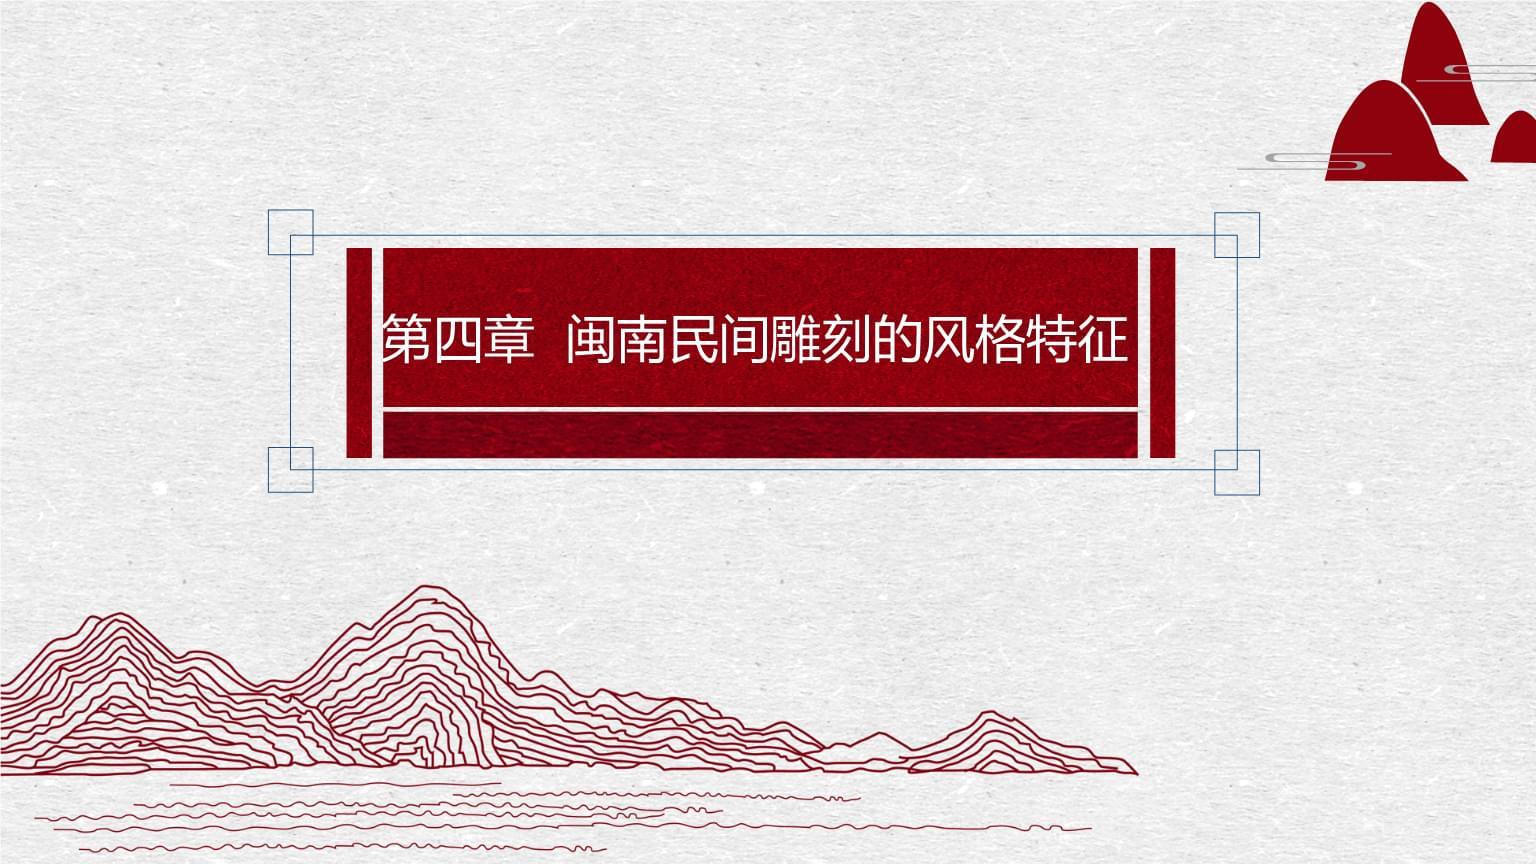 闽南地区民间雕刻艺术 第一节 闽南雕刻艺术风格的形成 一、闽南雕刻艺术风格的形成.pptx